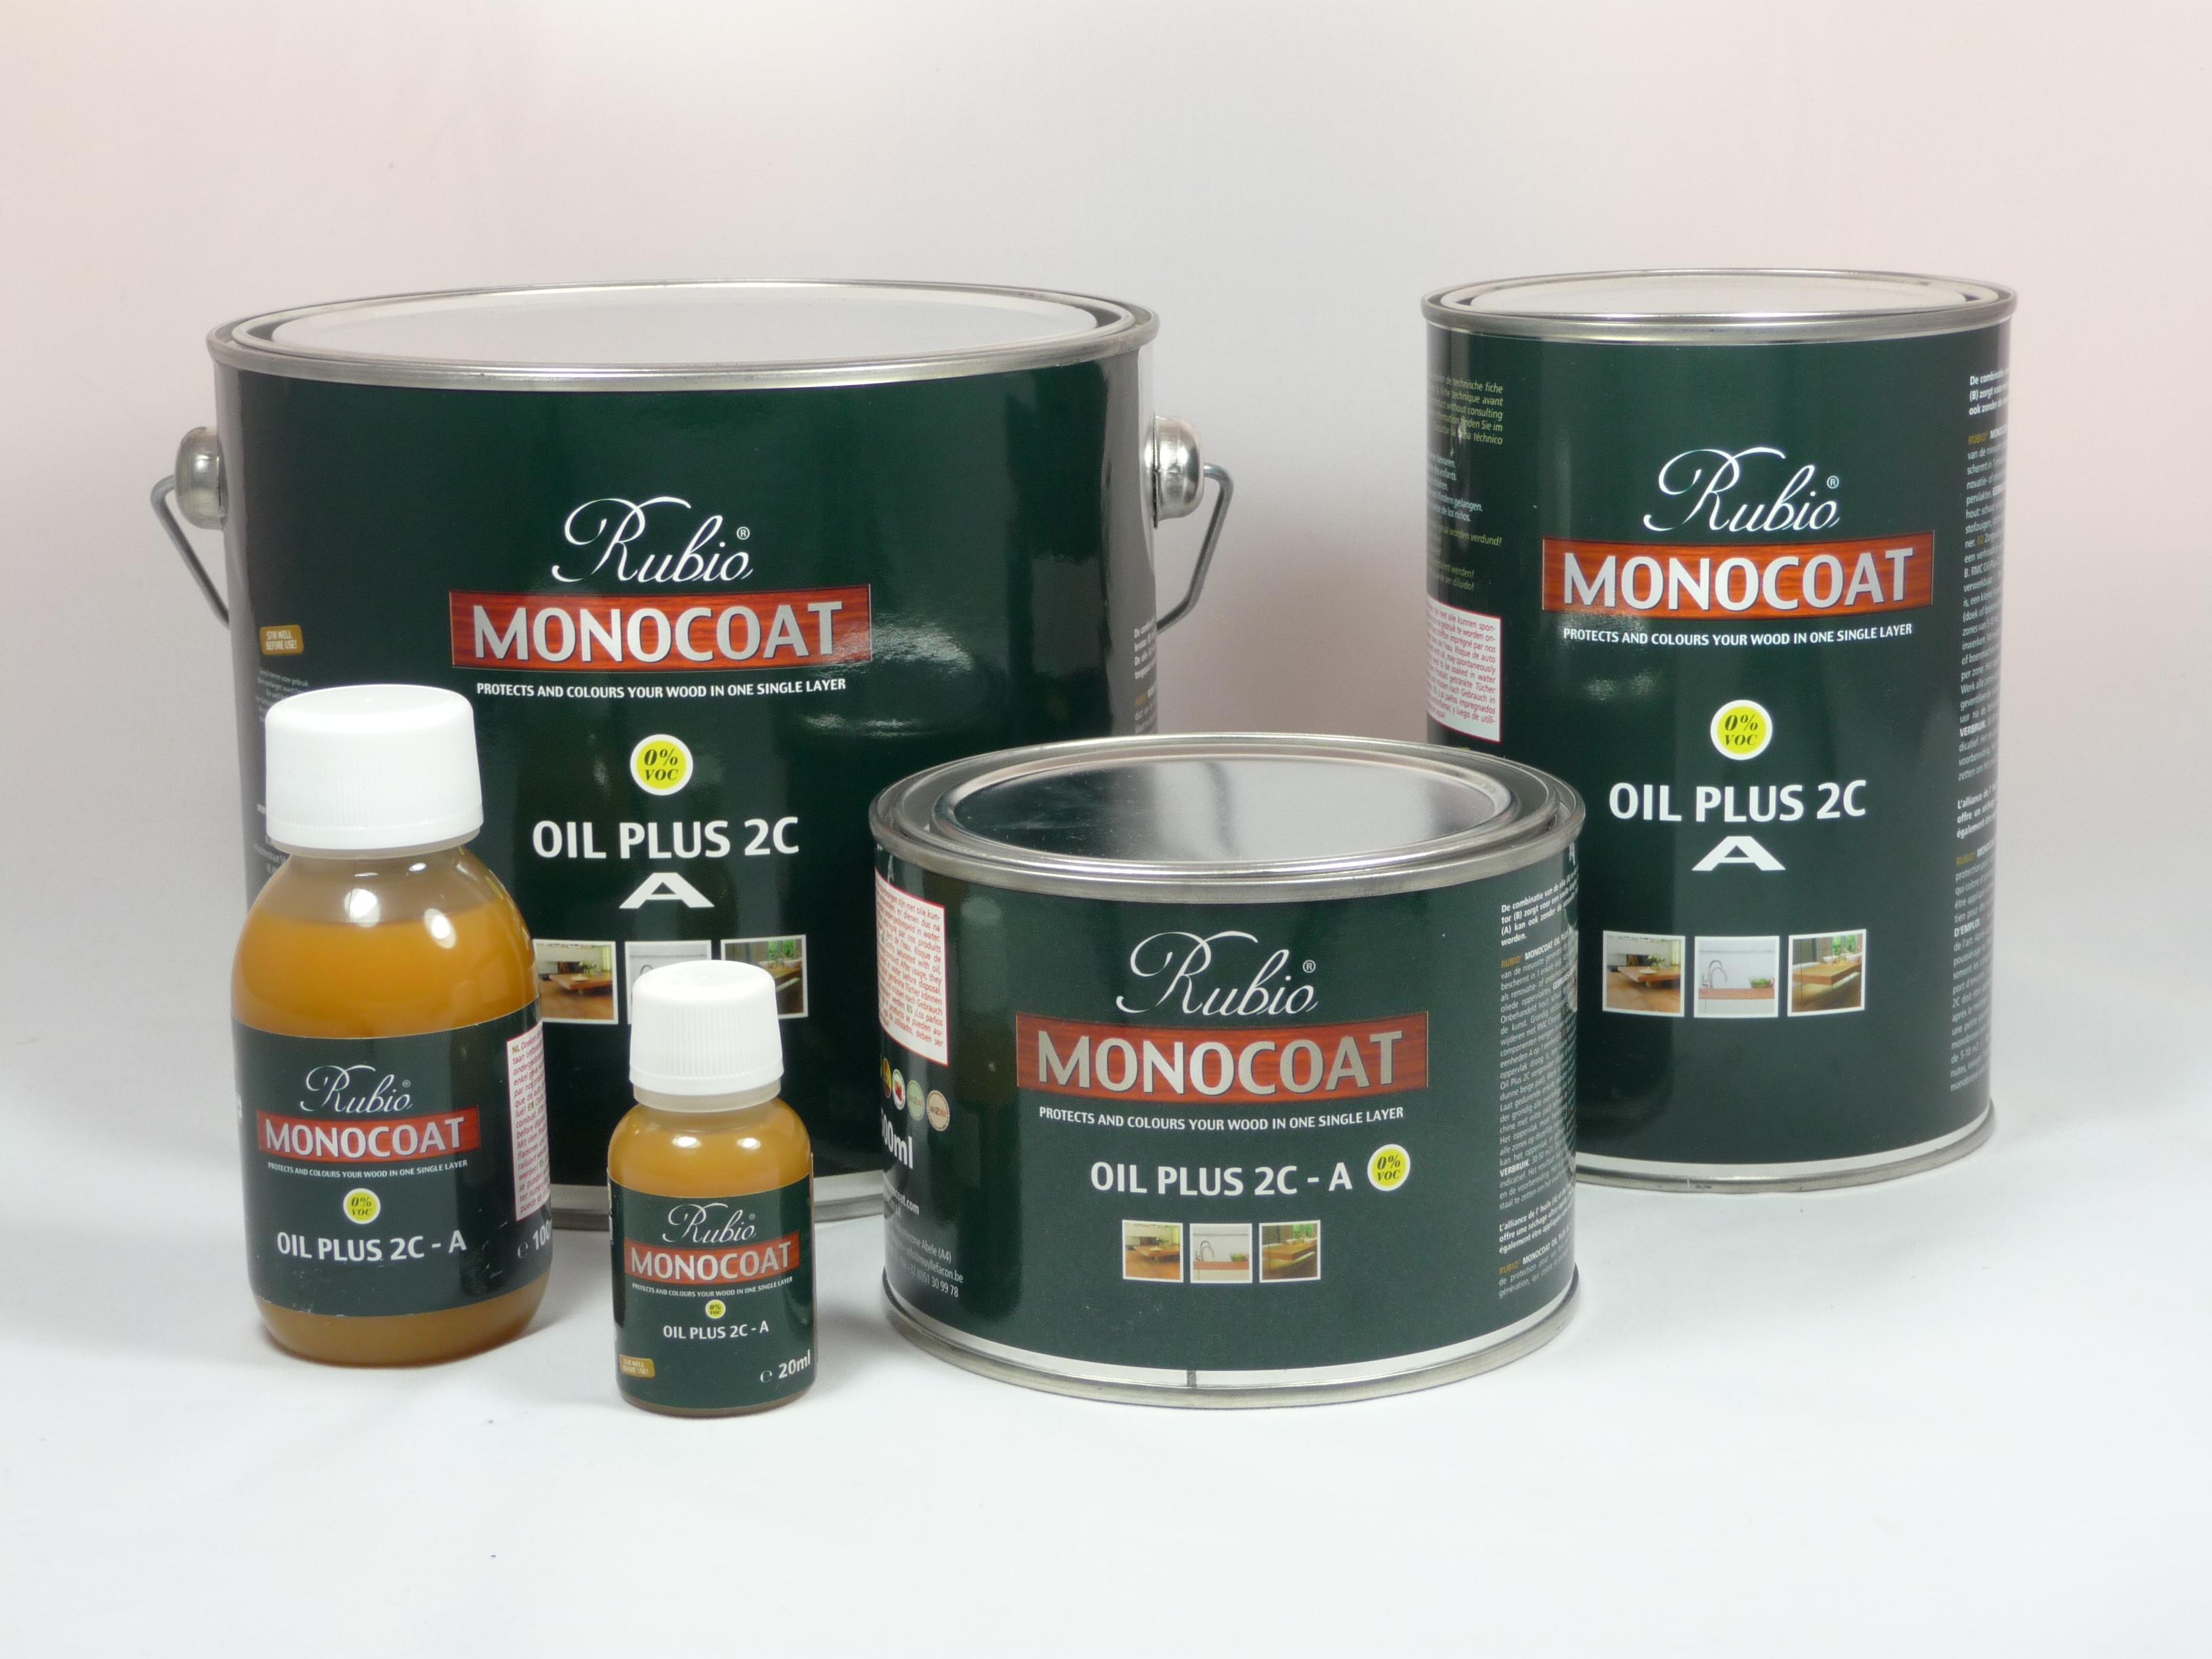 Rubio Monocoat Ash Grey Oil Plus 1C